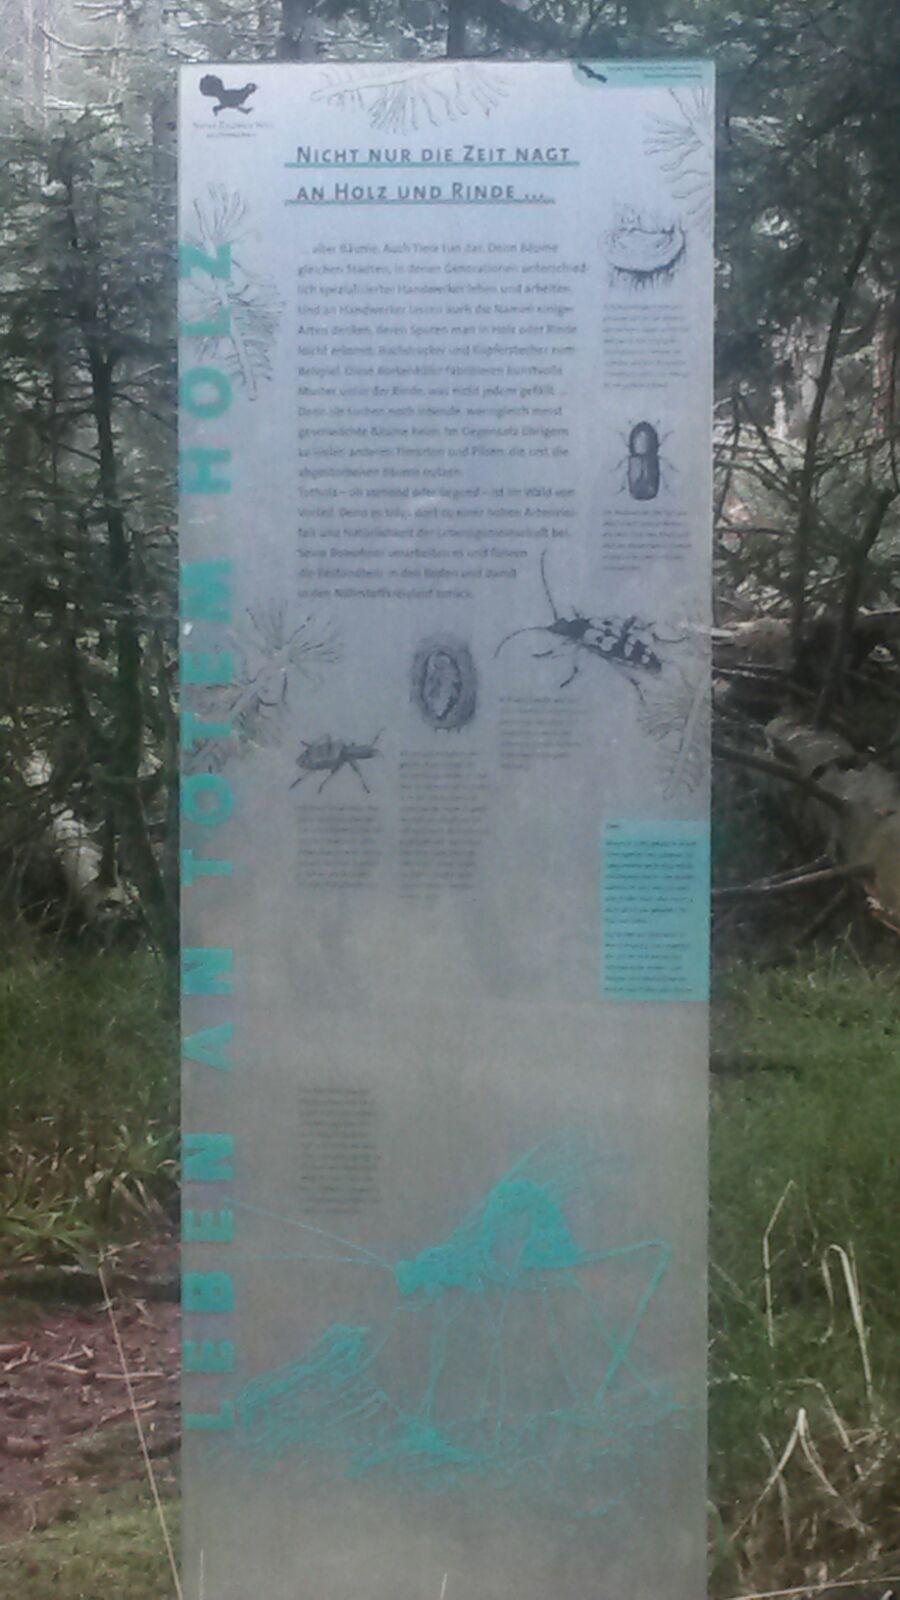 Infotafel auf dem Weg vom Kaltenbronn zur Grünhütte über den Wildsee